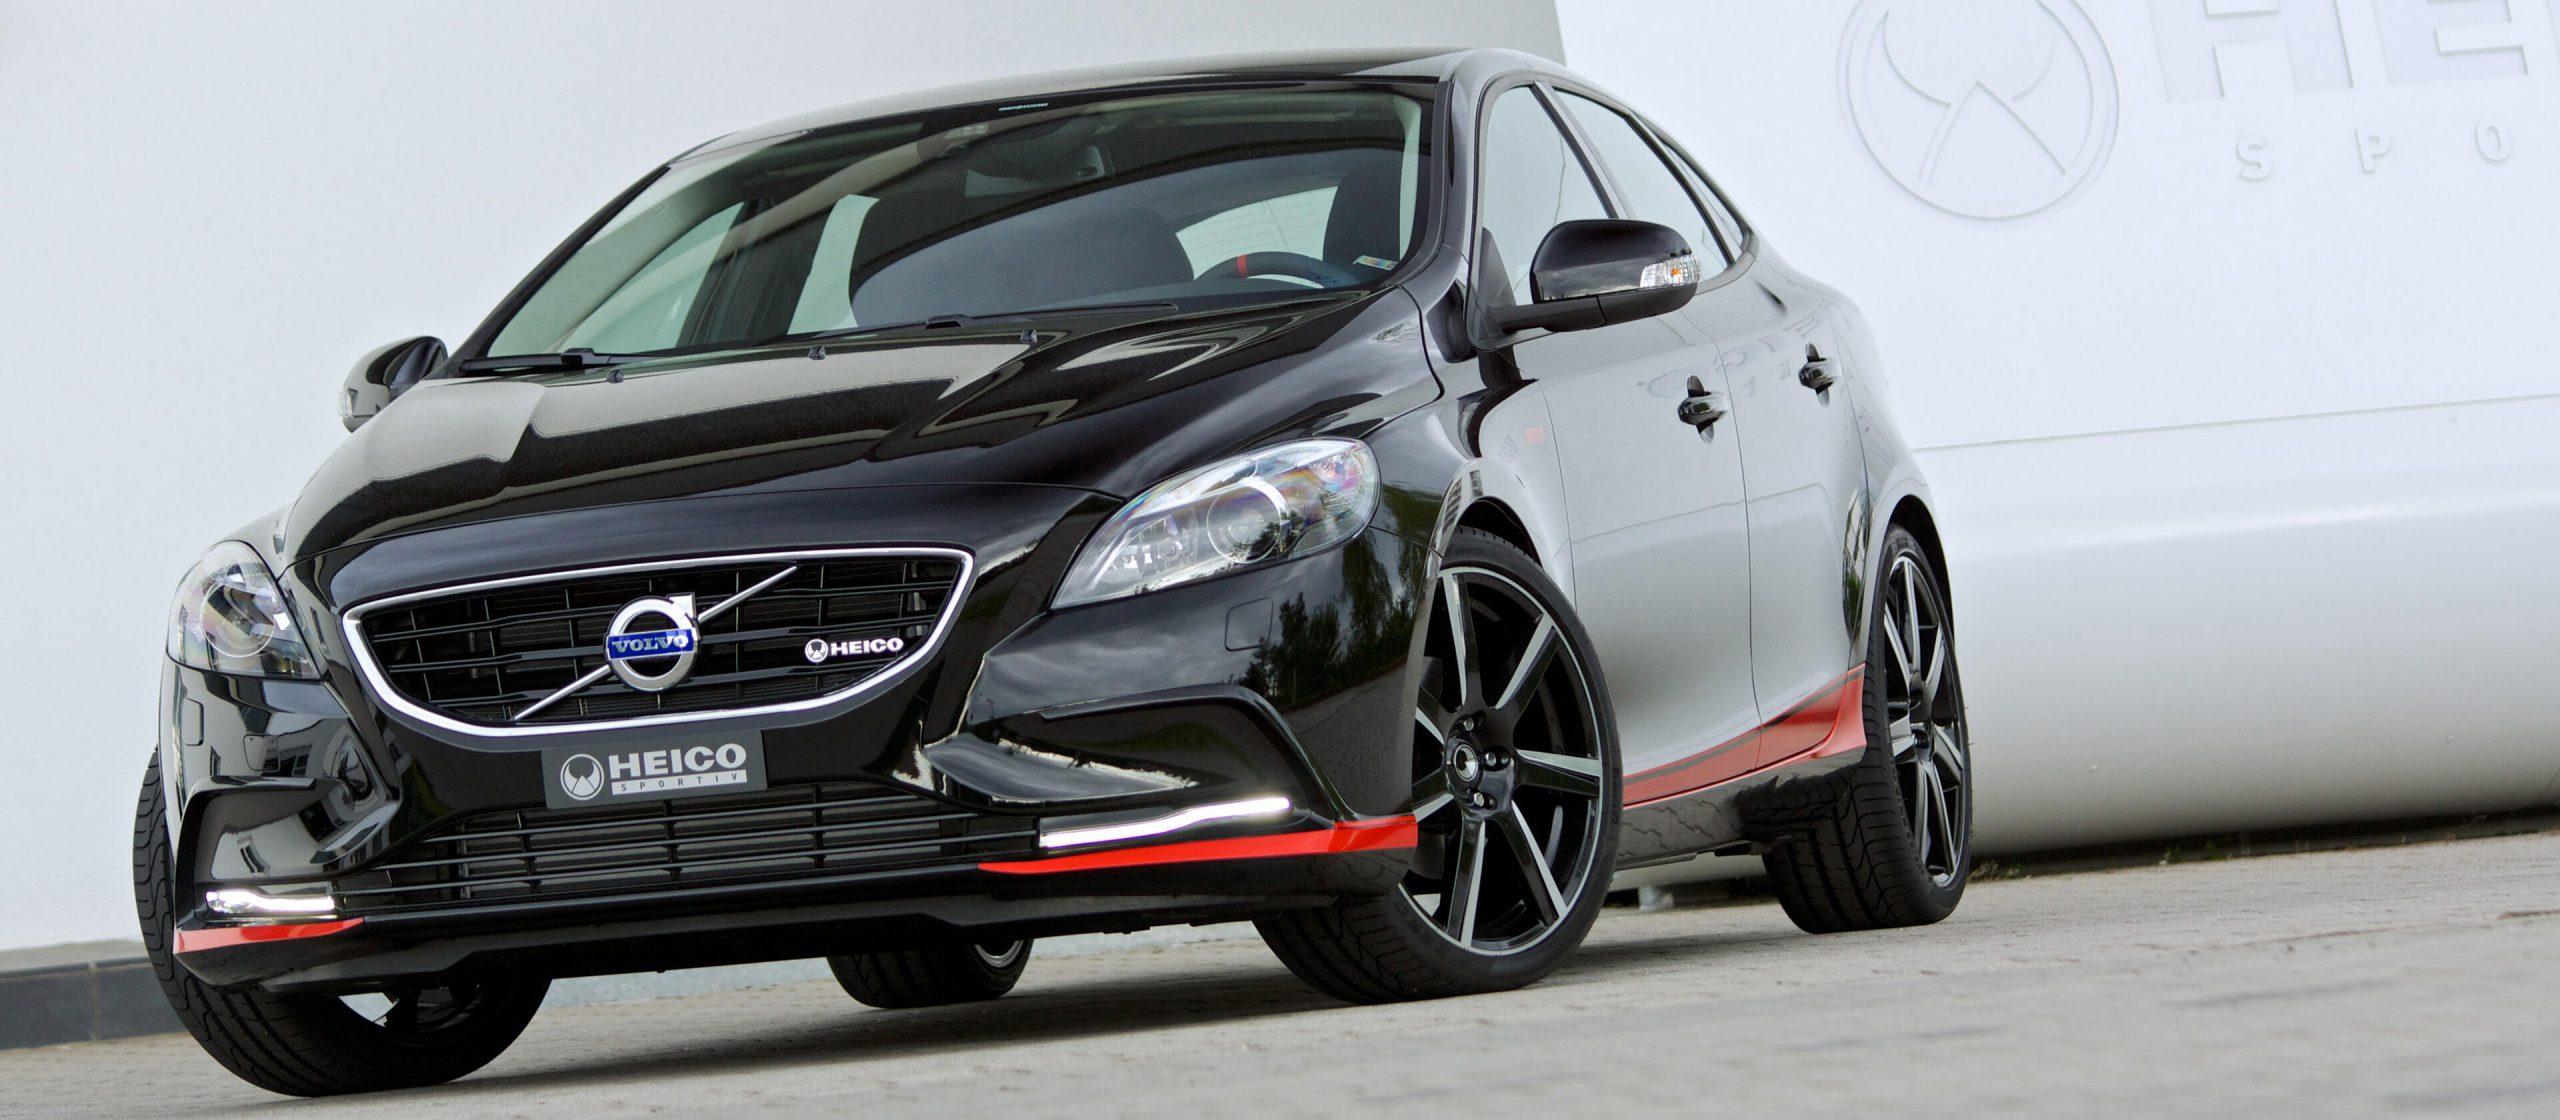 heico-sportiv-volvo-v40-pirelli-front-hero-slider-2